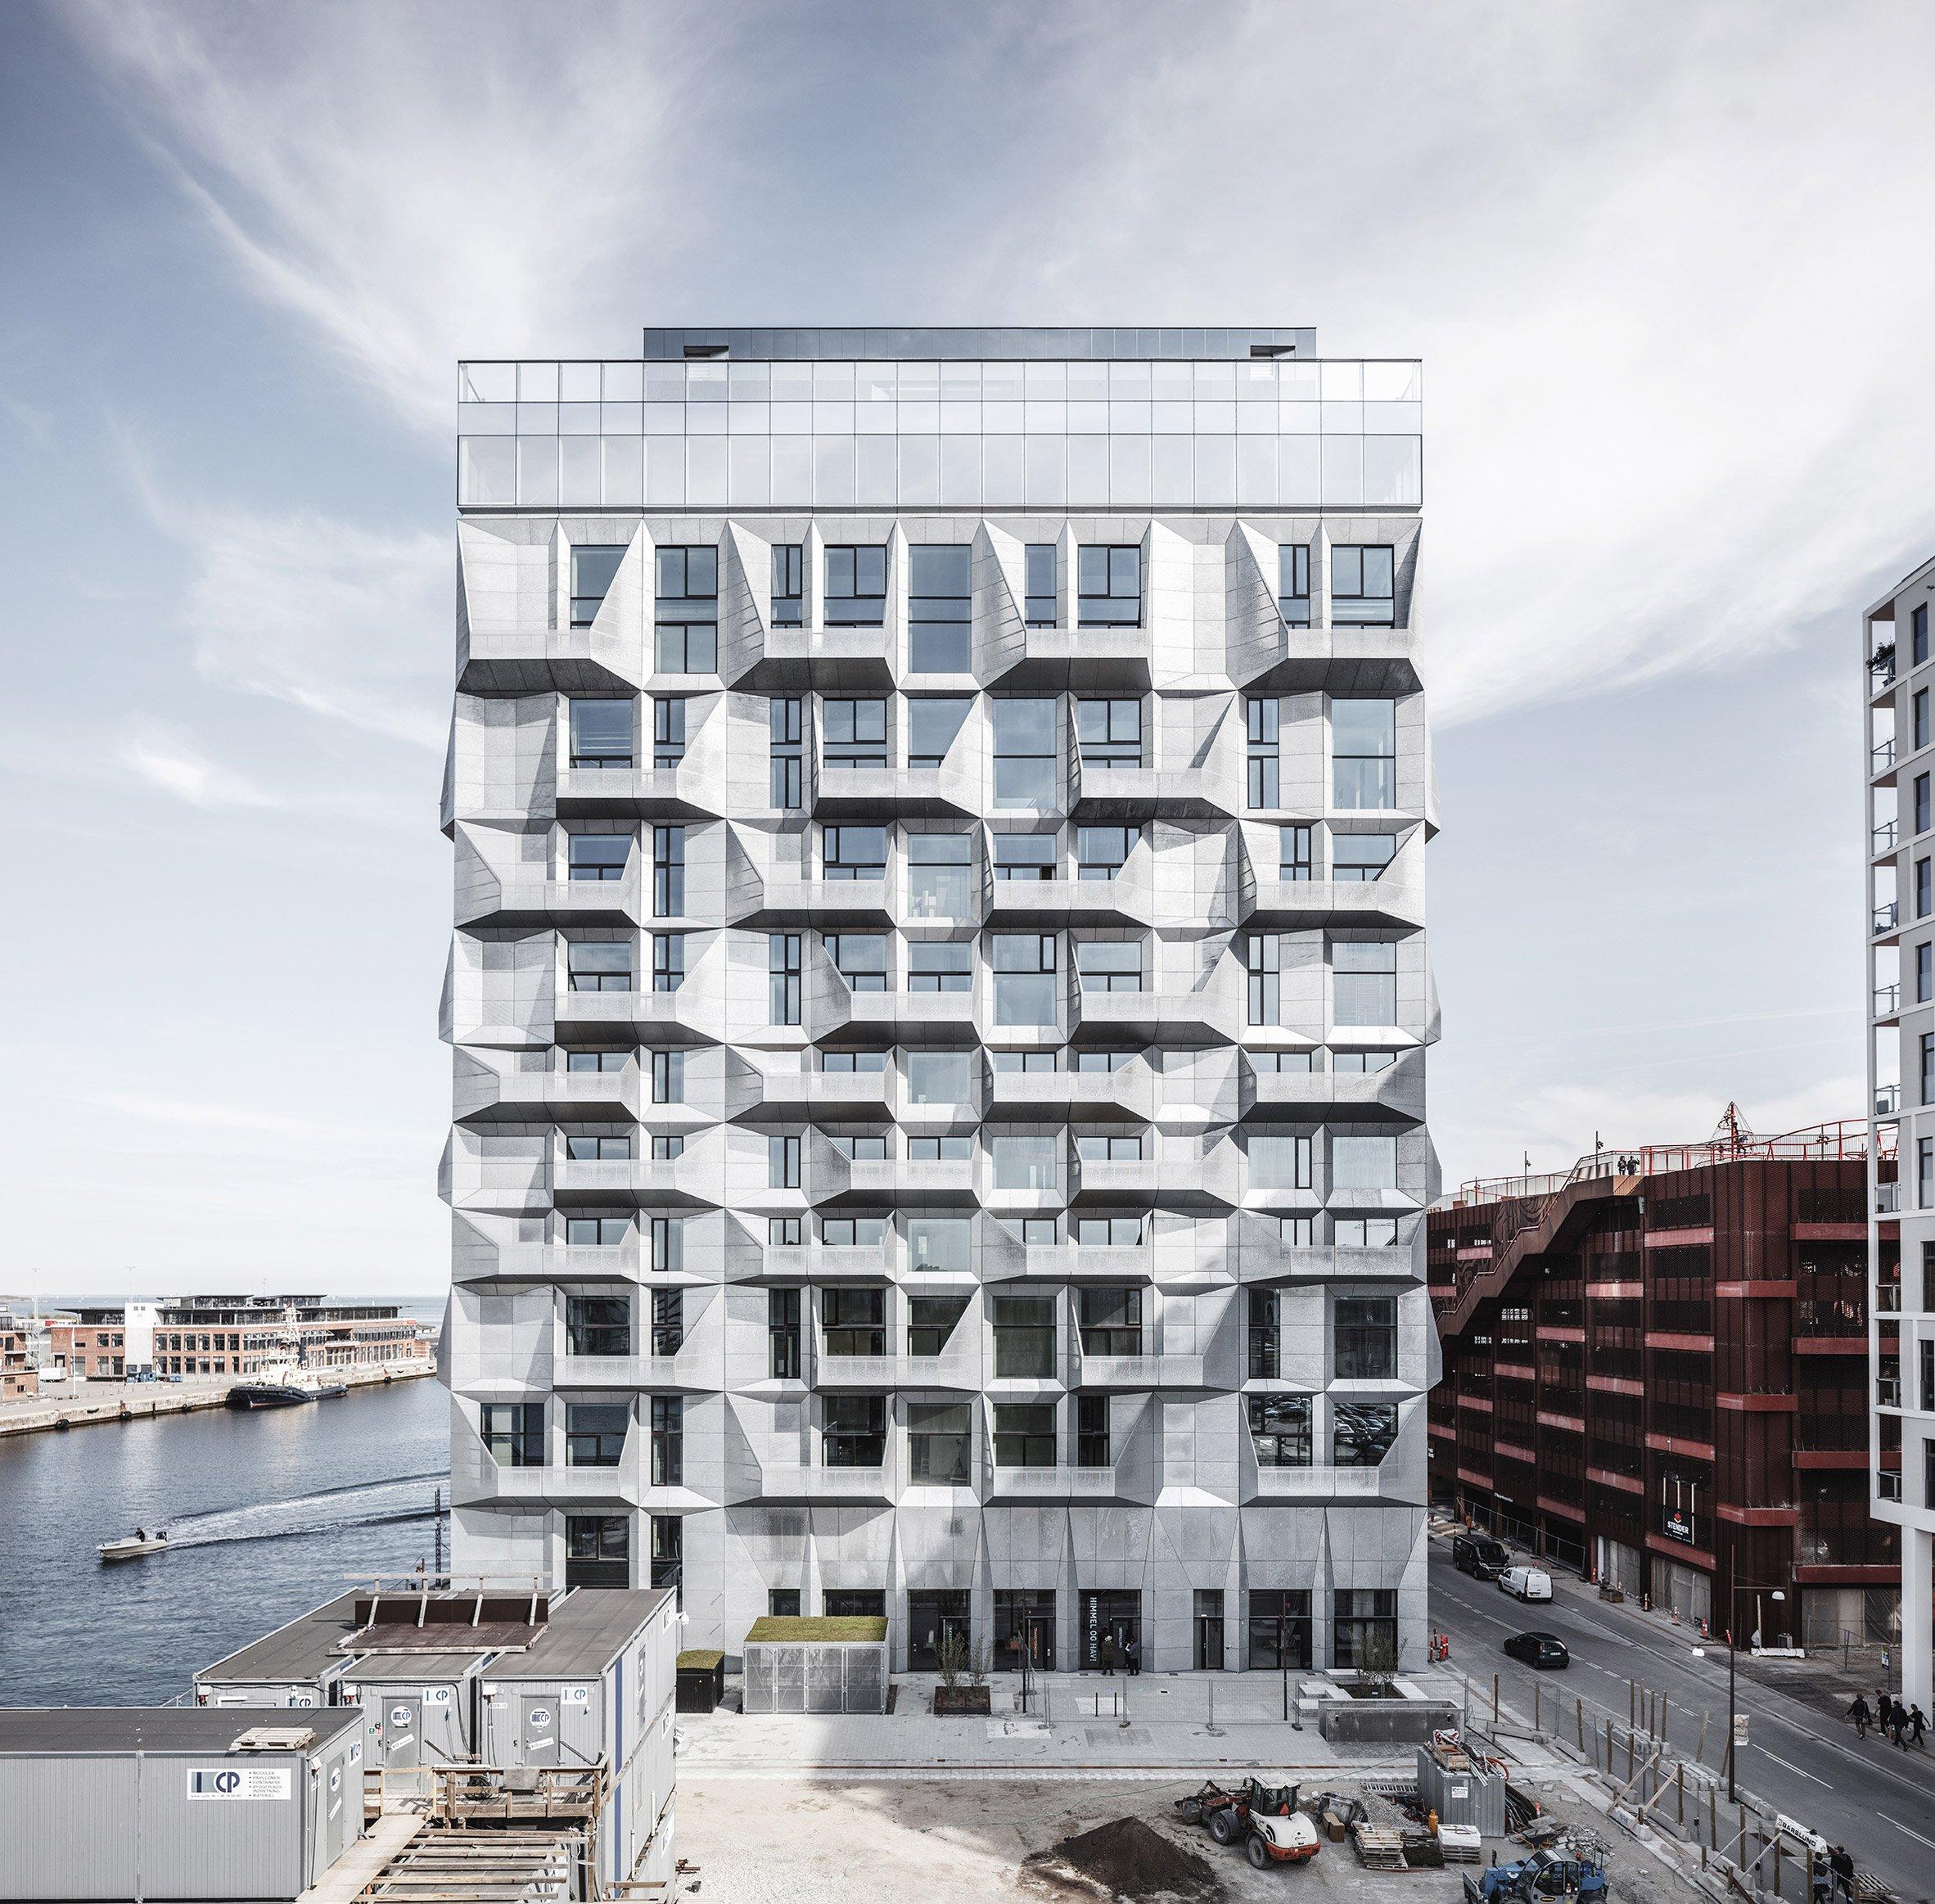 COBE transforms Copenhagen grain silo into apartment block with faceted facades